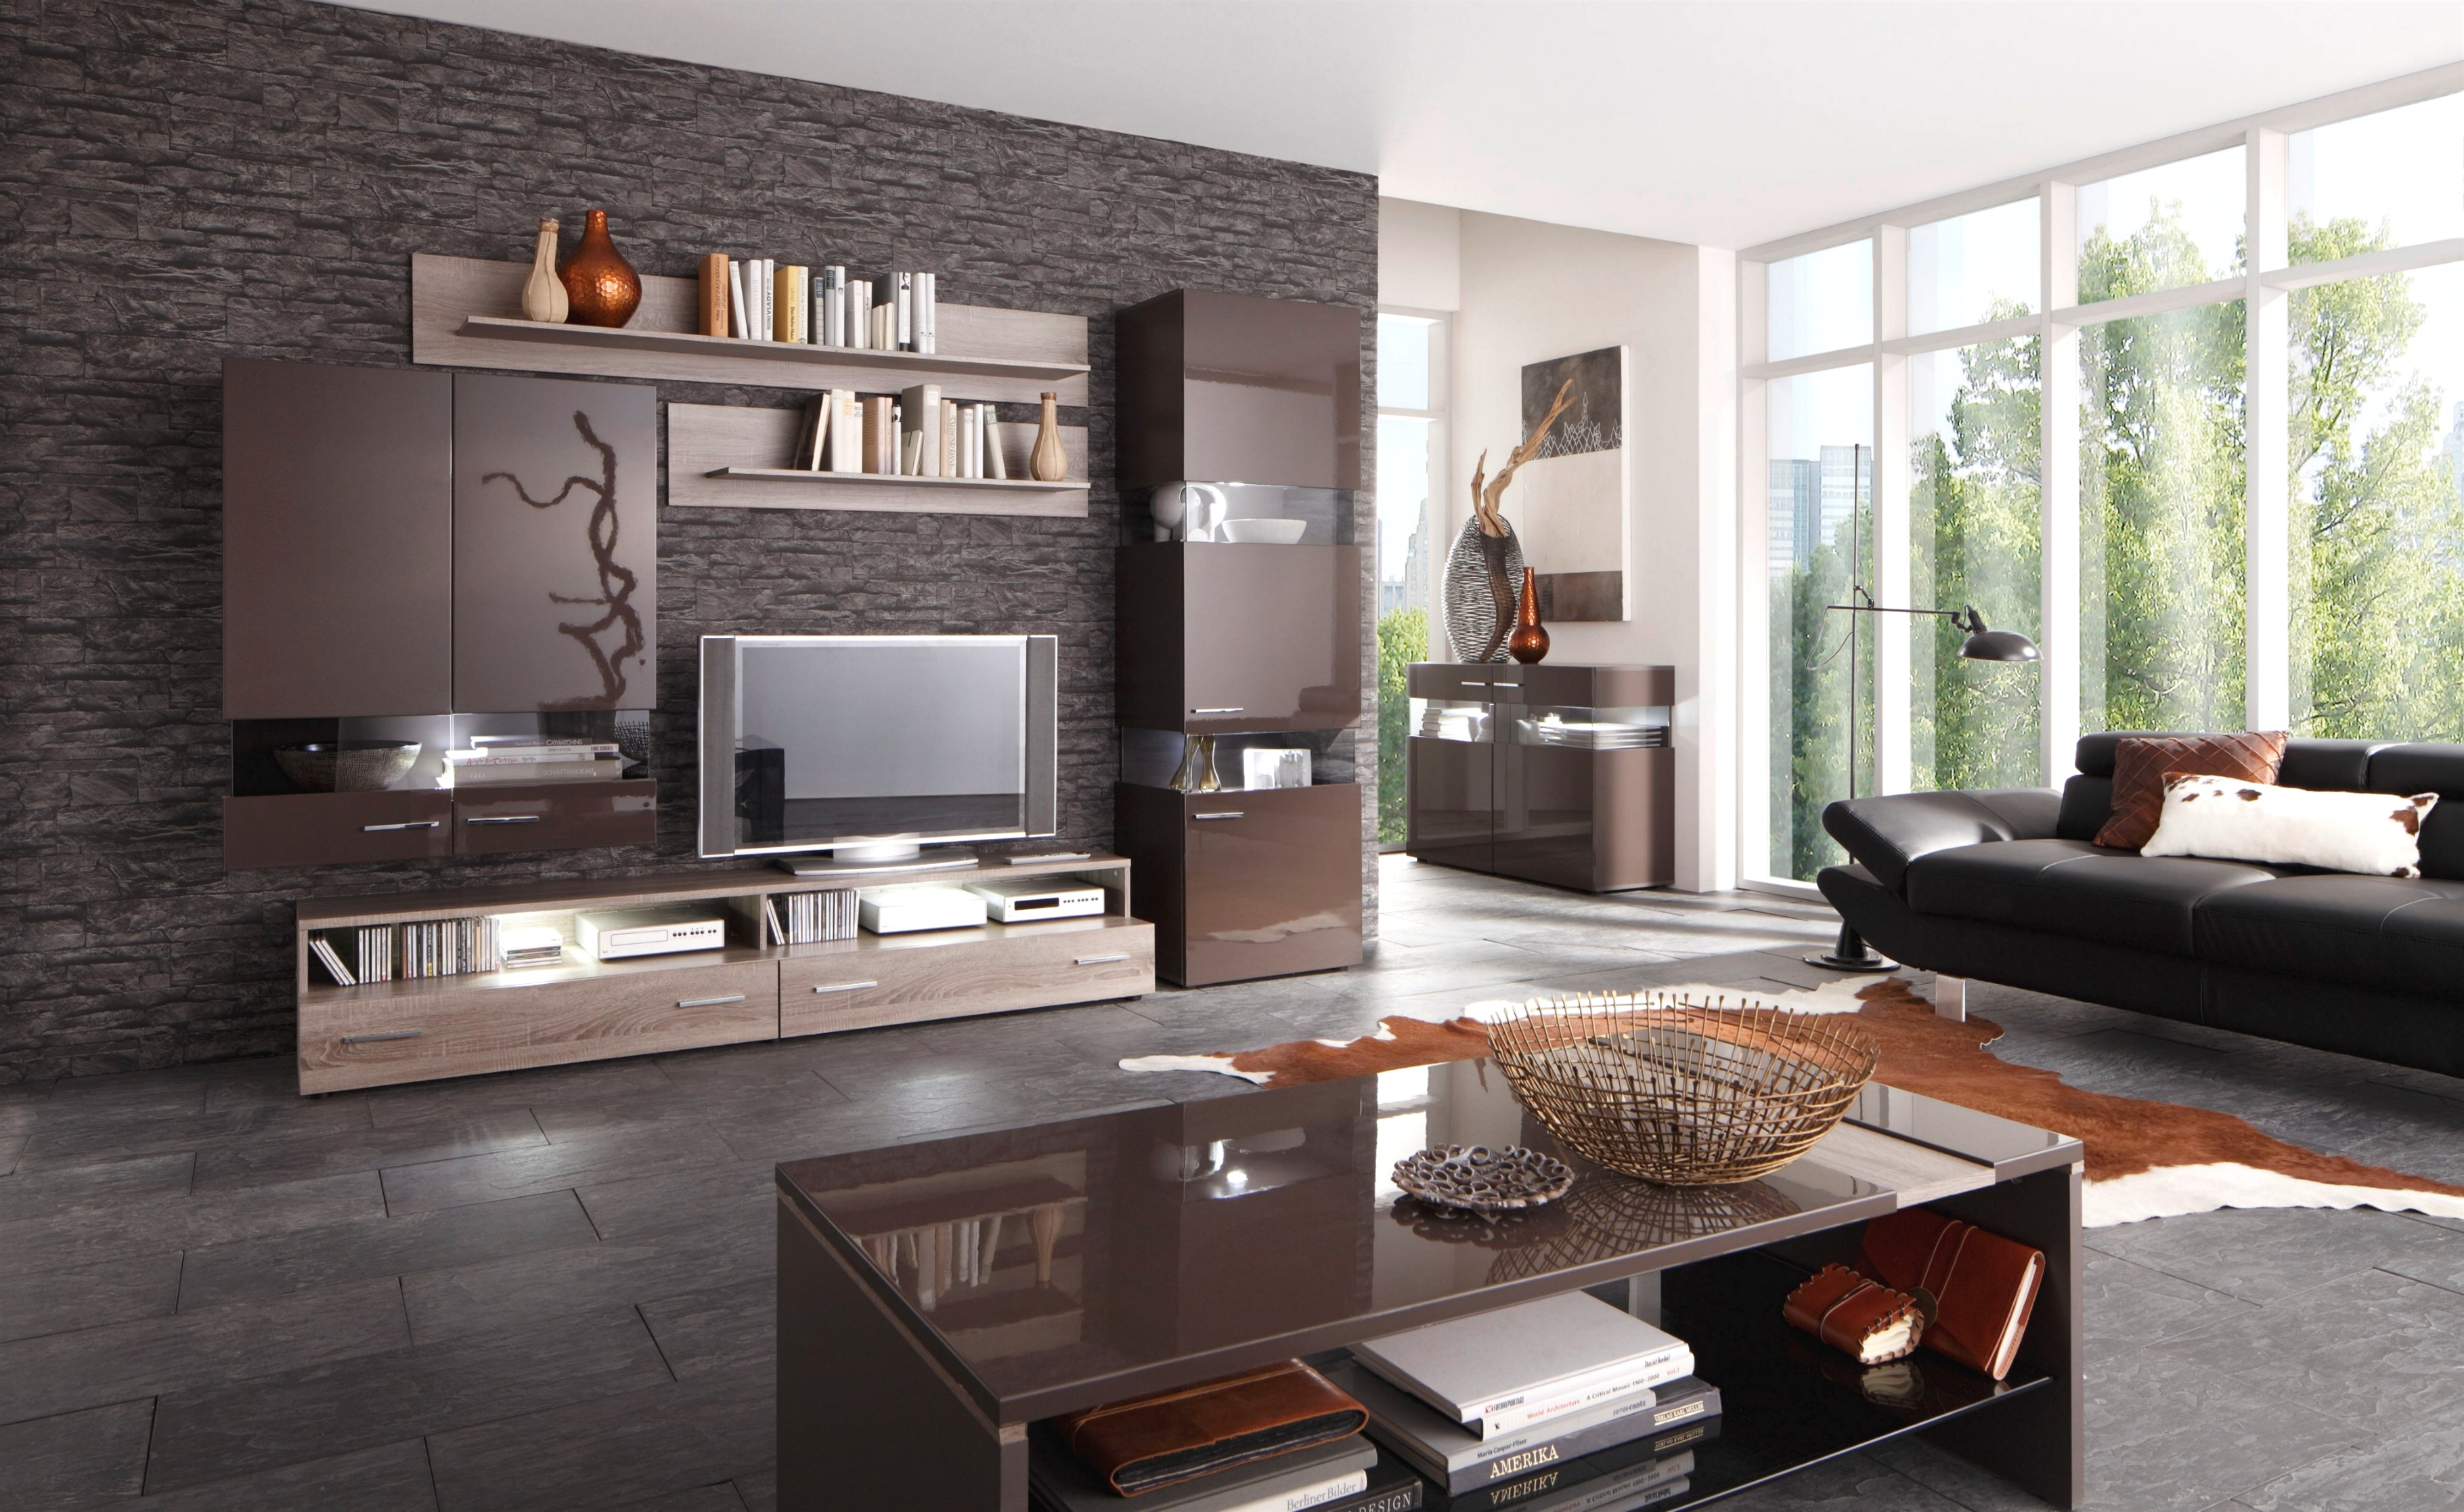 Wohnzimmer Dekorieren Ideen Schön On Für Deko Rosa Full Size Of 4